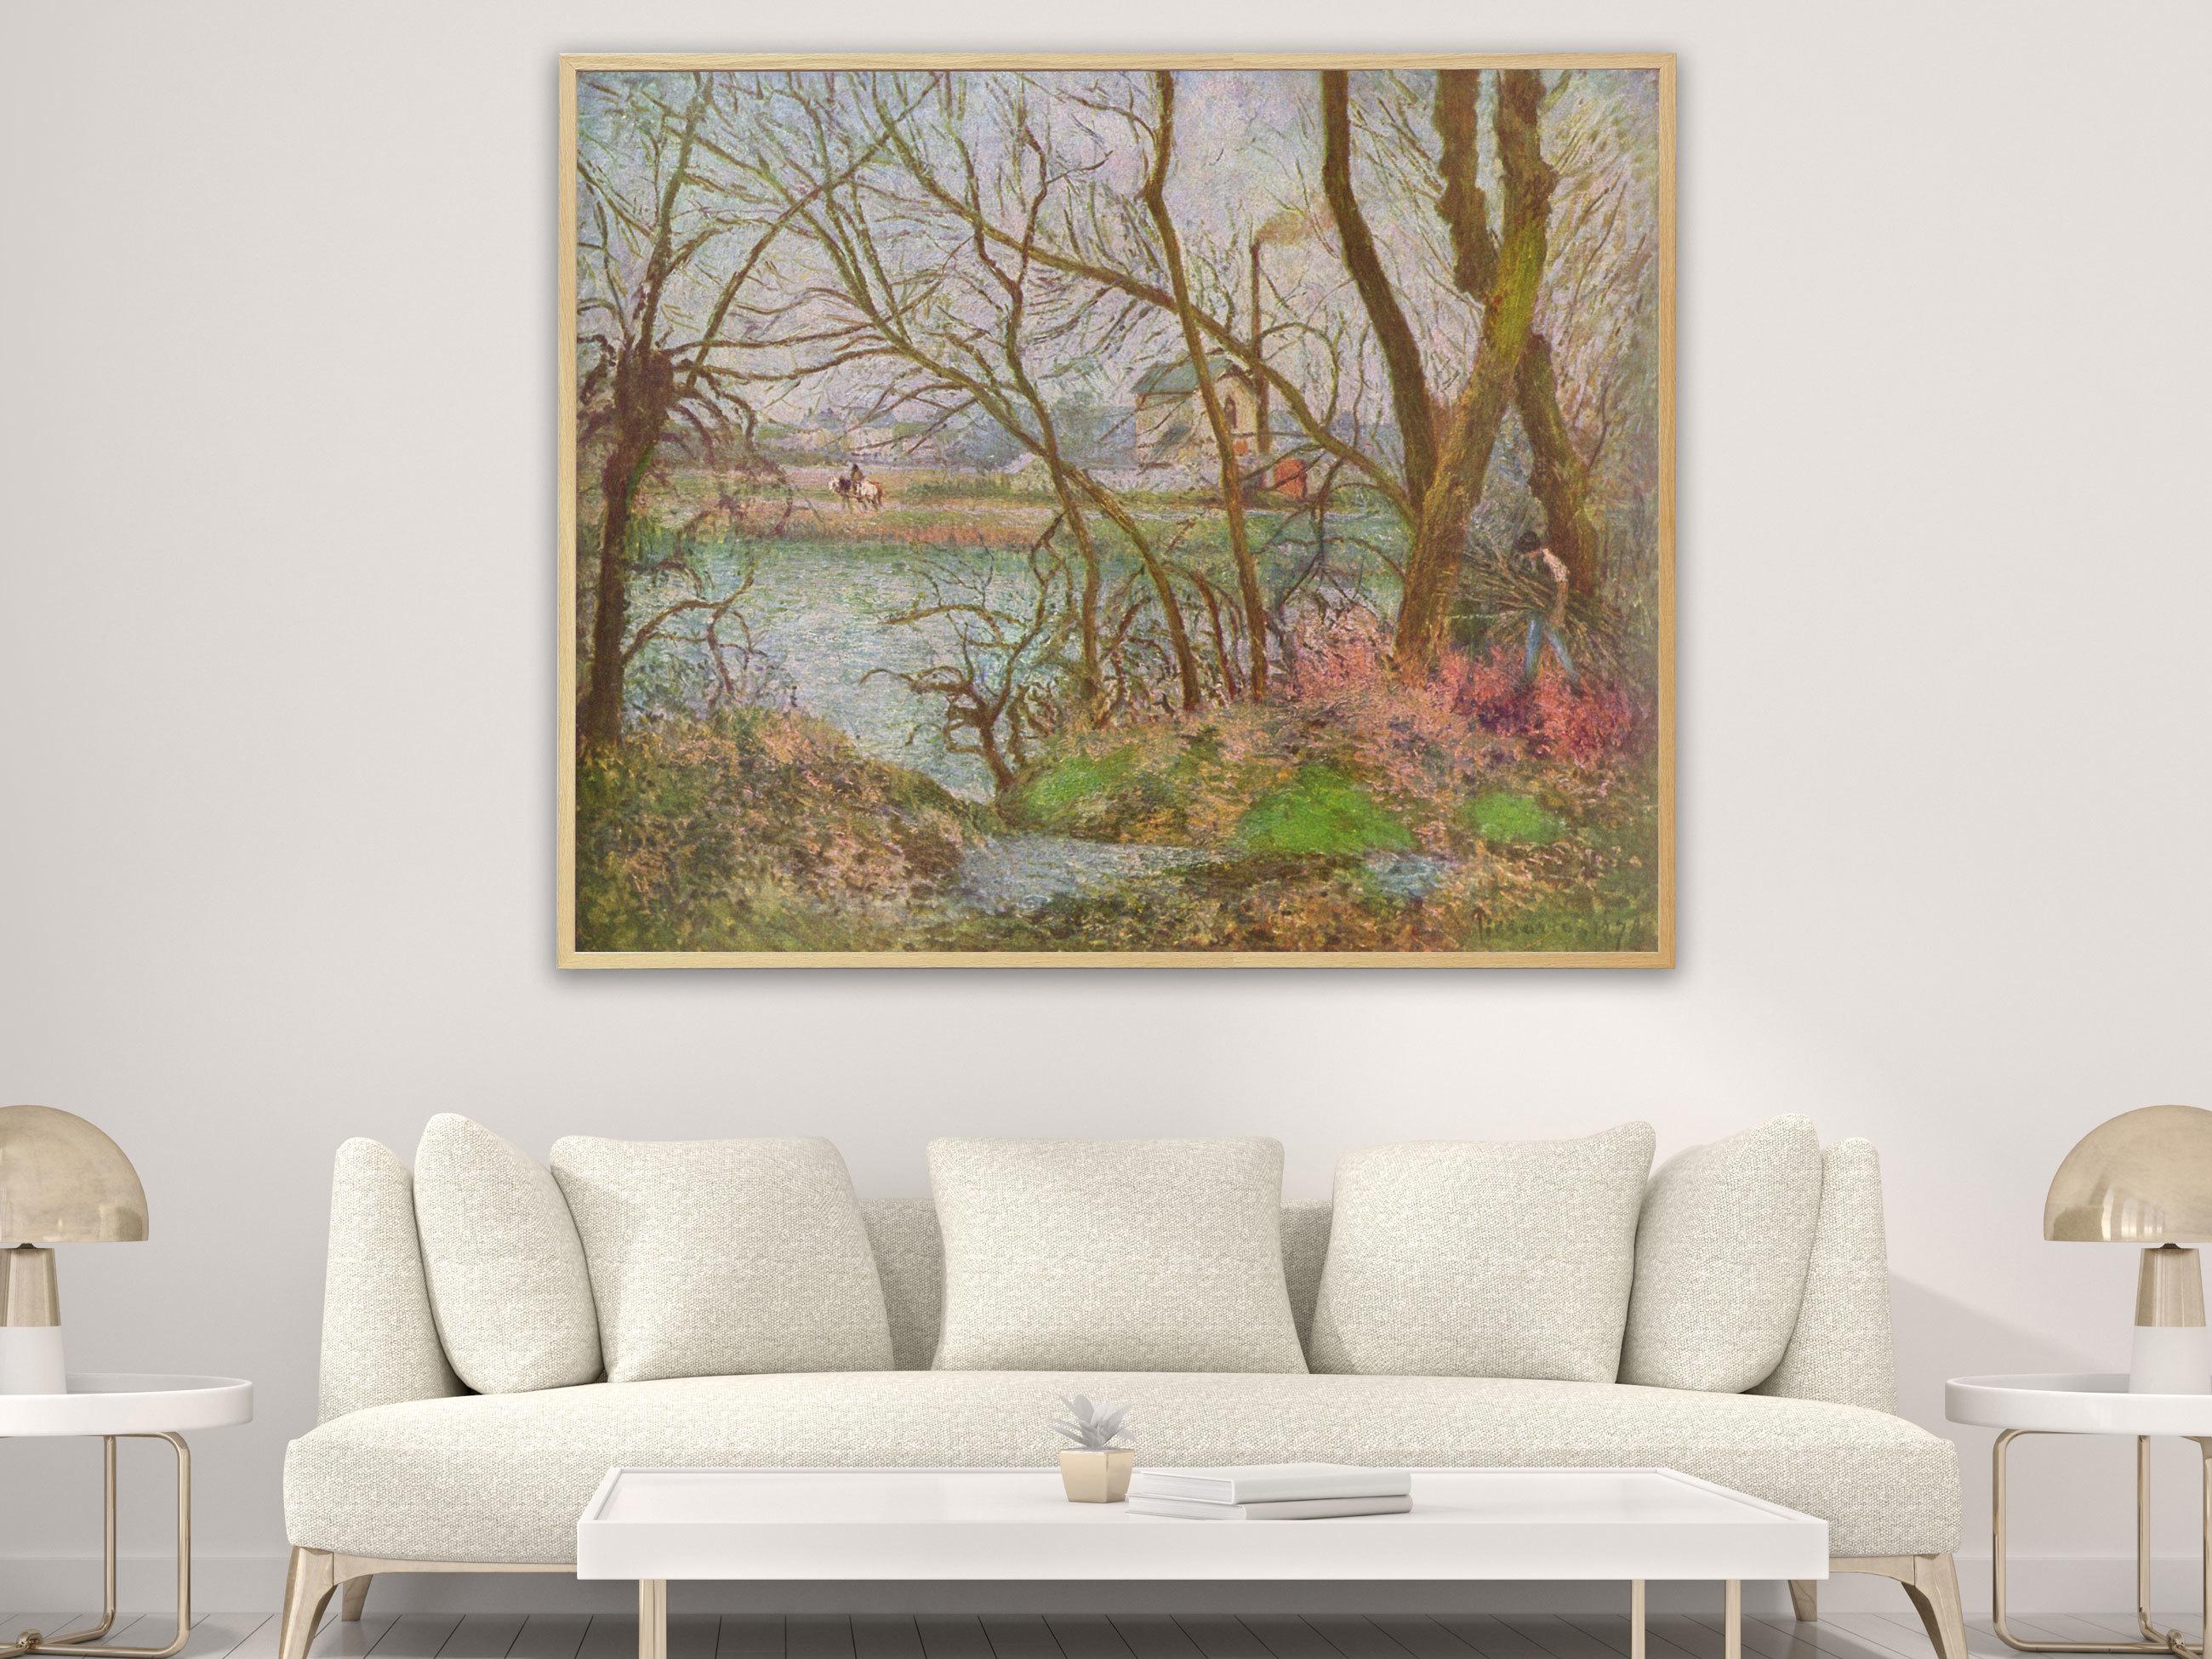 Camille Pissarro - Holzfäller von 1878, Bilderrahmen Eiche